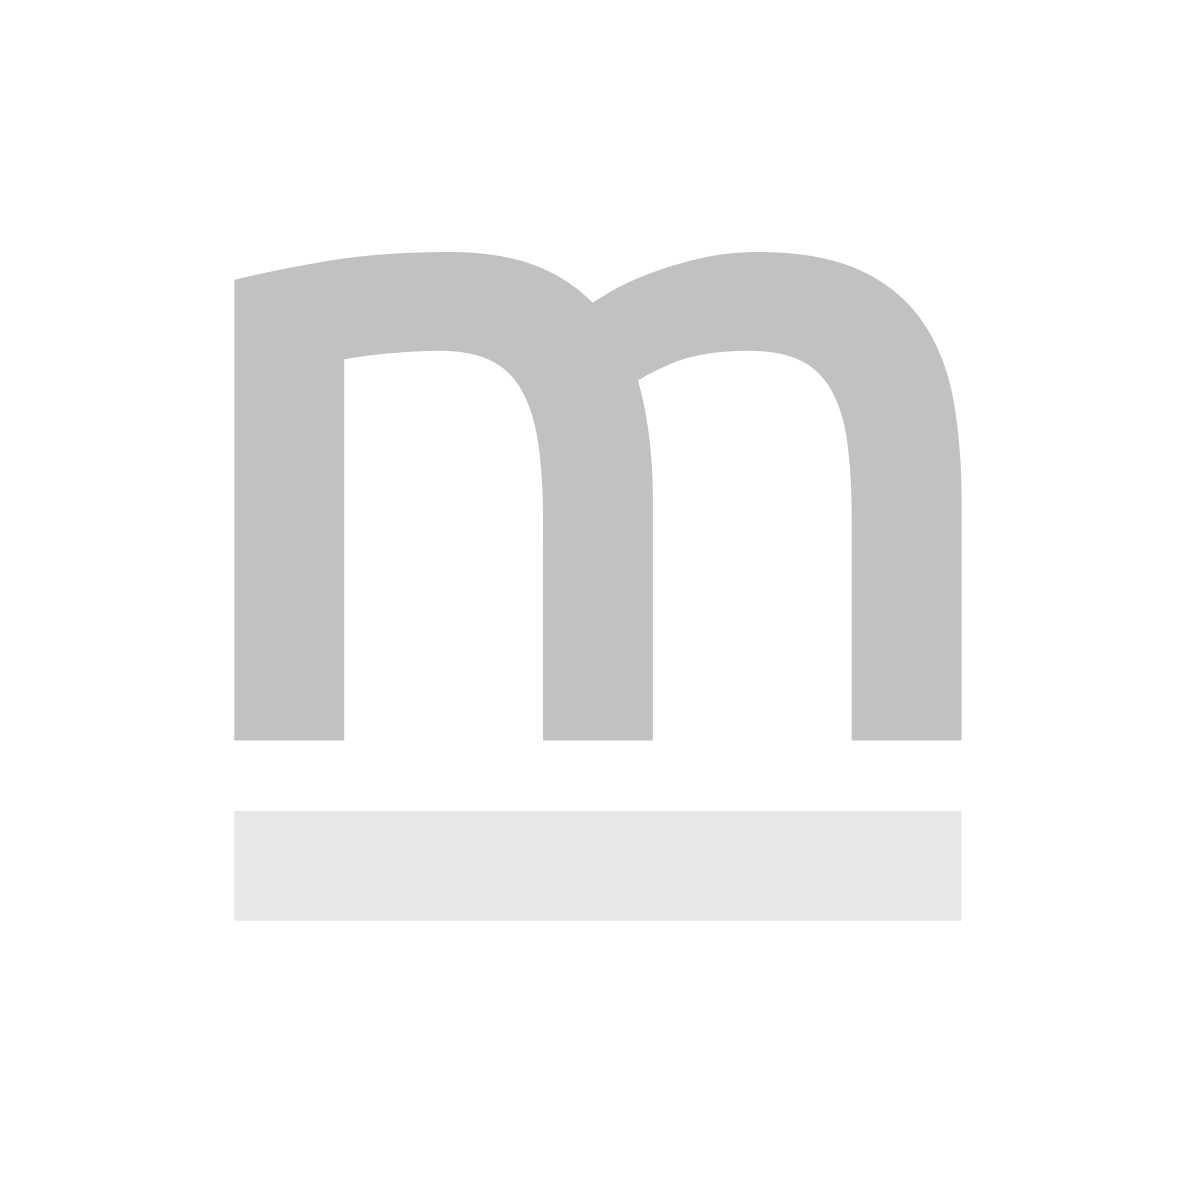 Dywan dziecięcy NOTEBOOK 120x160 beżowy